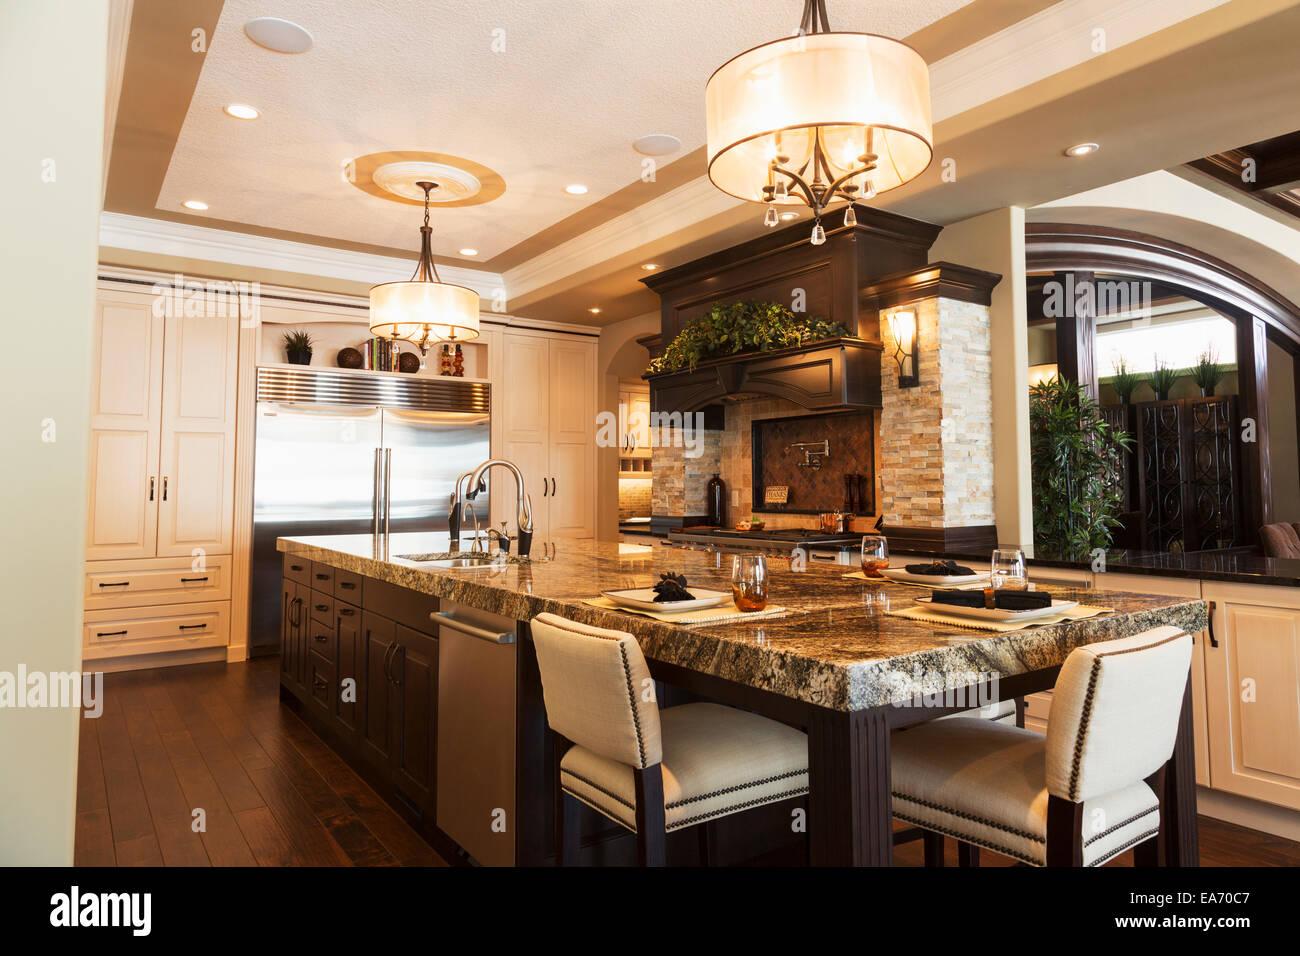 Ausgezeichnet Küche Leuchten Kanada Ideen - Ideen Für Die Küche ...